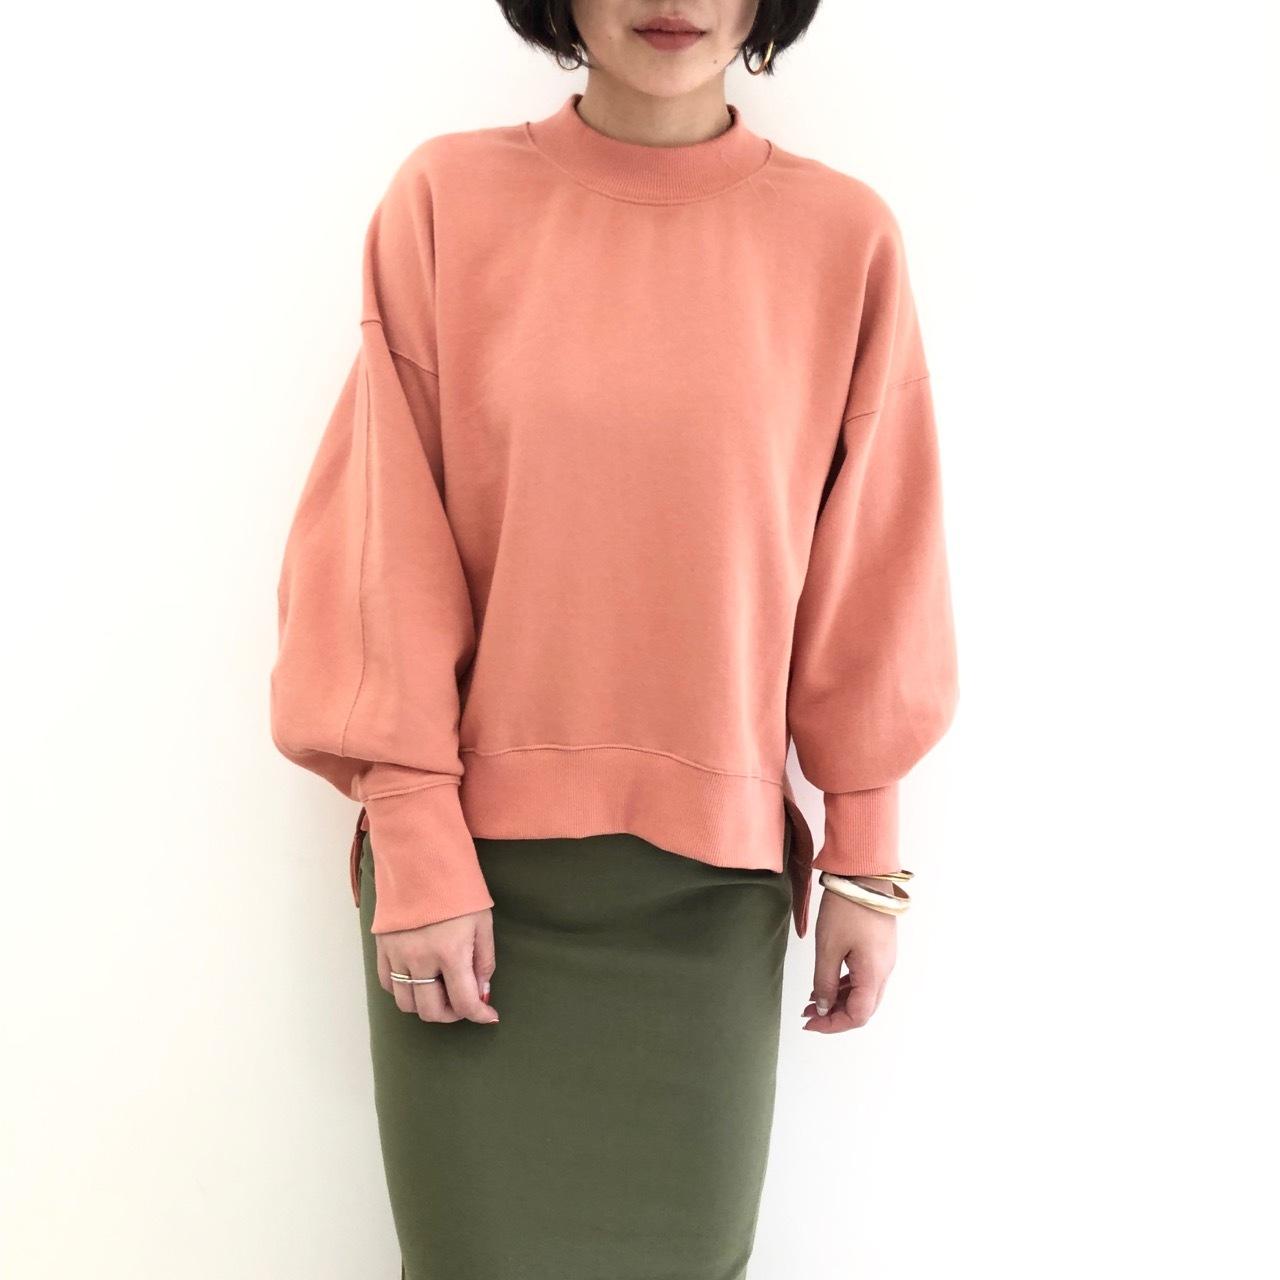 【 QTUME 】- 950-25518 - モックネックスウェットL/S Teeシャツ